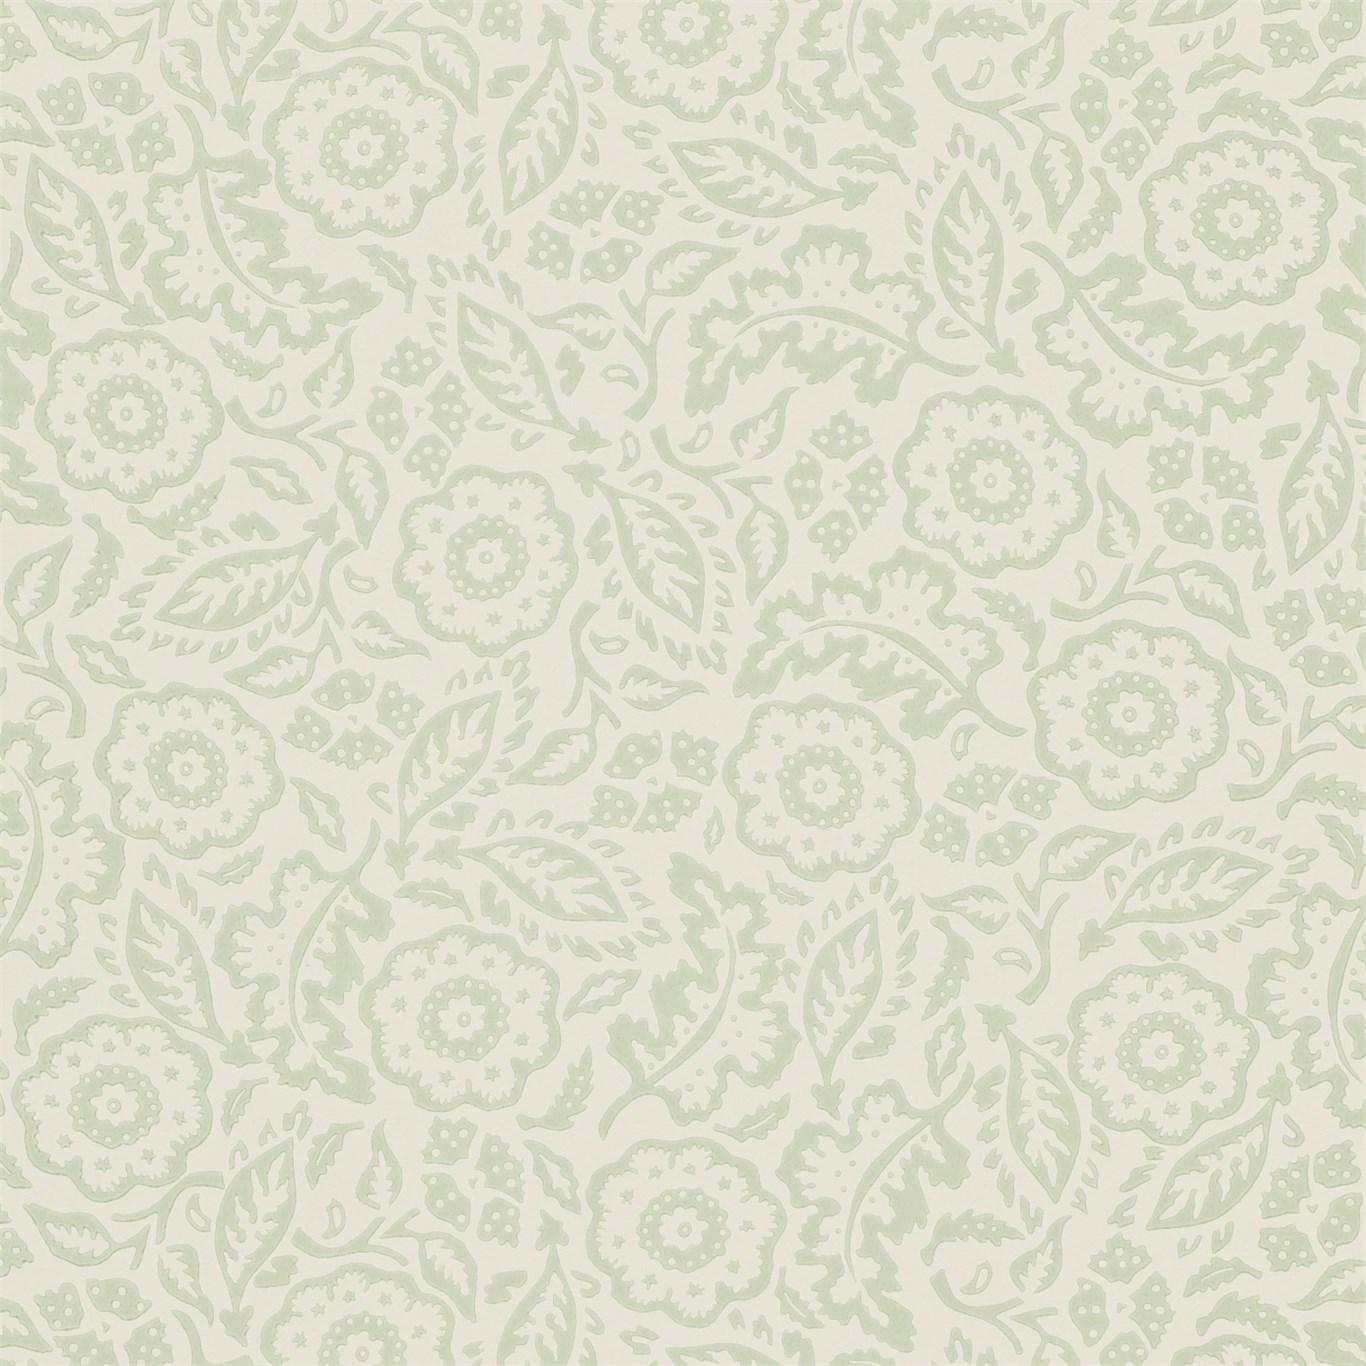 Papel pintado sanderson floral damask demb213620 - Sanderson papel pintado ...